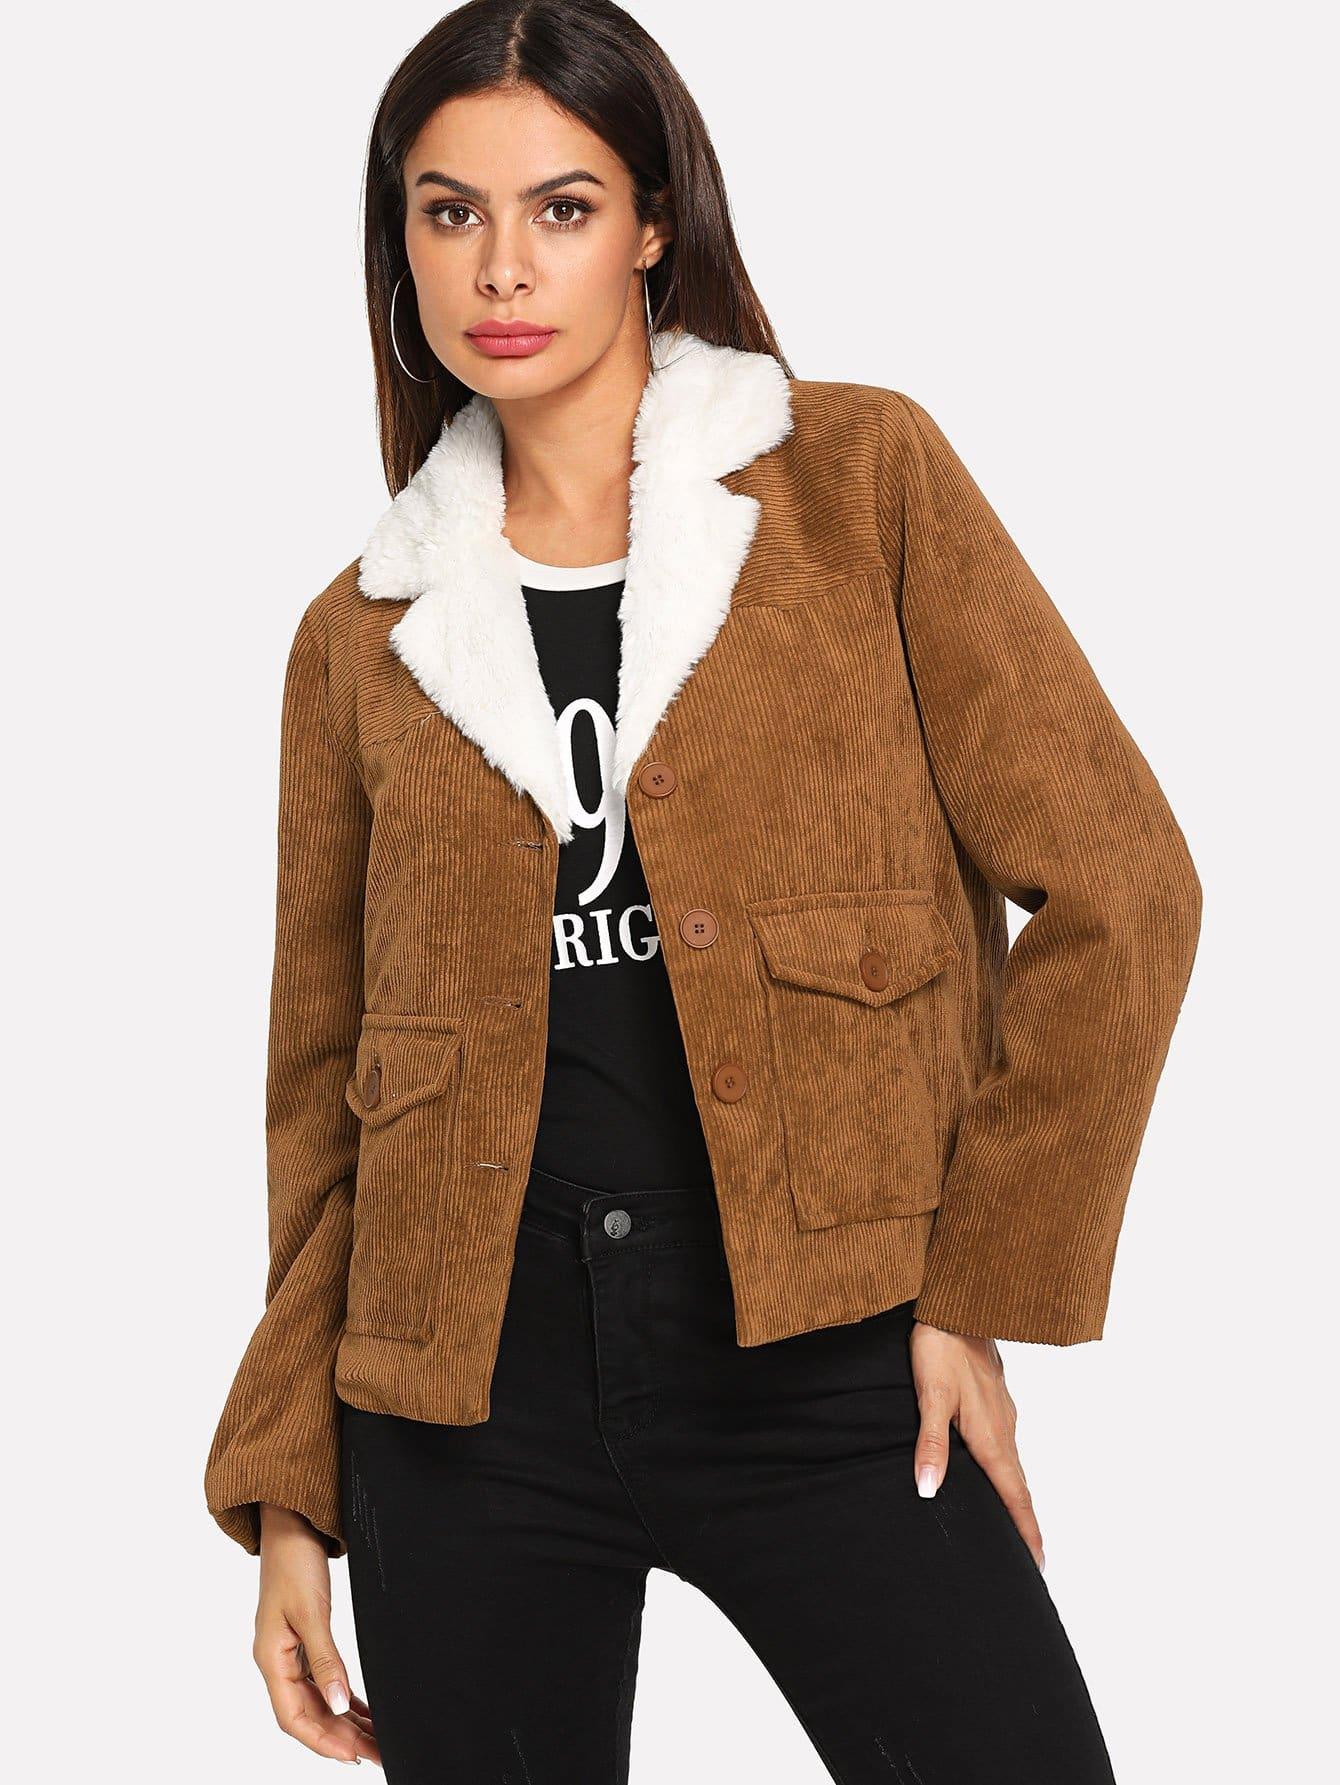 Купить Симметрическое пальто из искусственных кож и с украшением пуговицы и кармана, Andy, SheIn